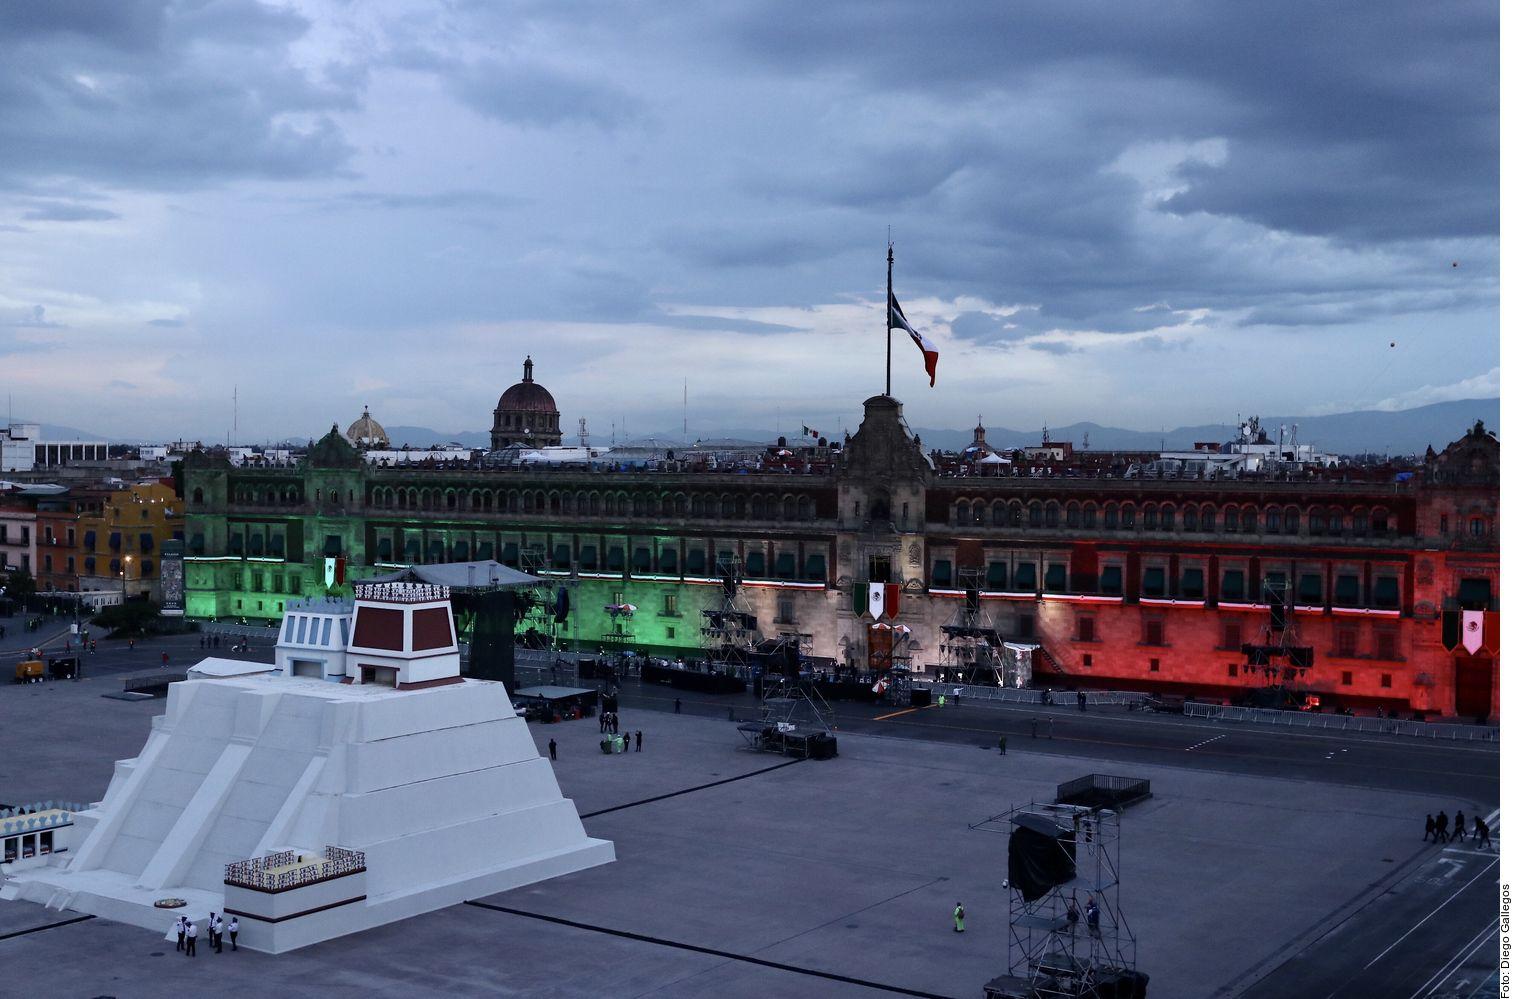 El Grito de Independencia se llevó a cabo frente a un Zócalo vacío, con la proyección de videos sobre la réplica de la pirámide del Templo Mayor, música y pirotecnia.